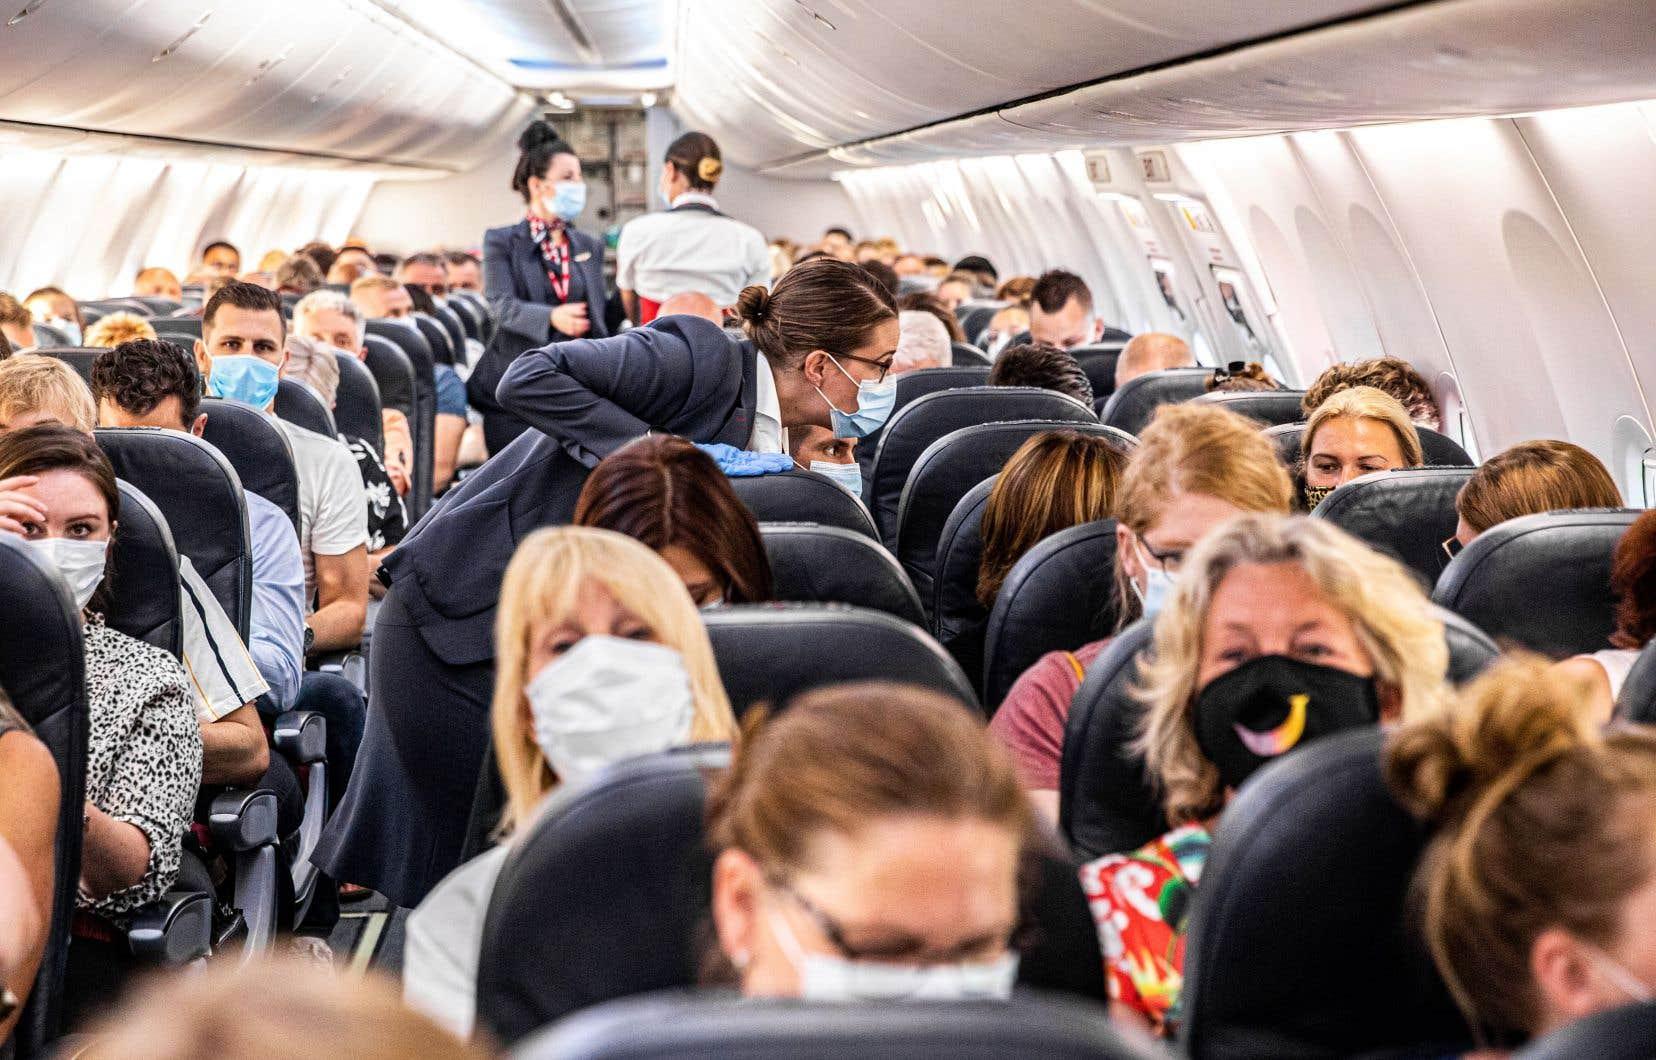 Le port du masque est obligatoire dans les avions au Canada depuis le 20 avril.